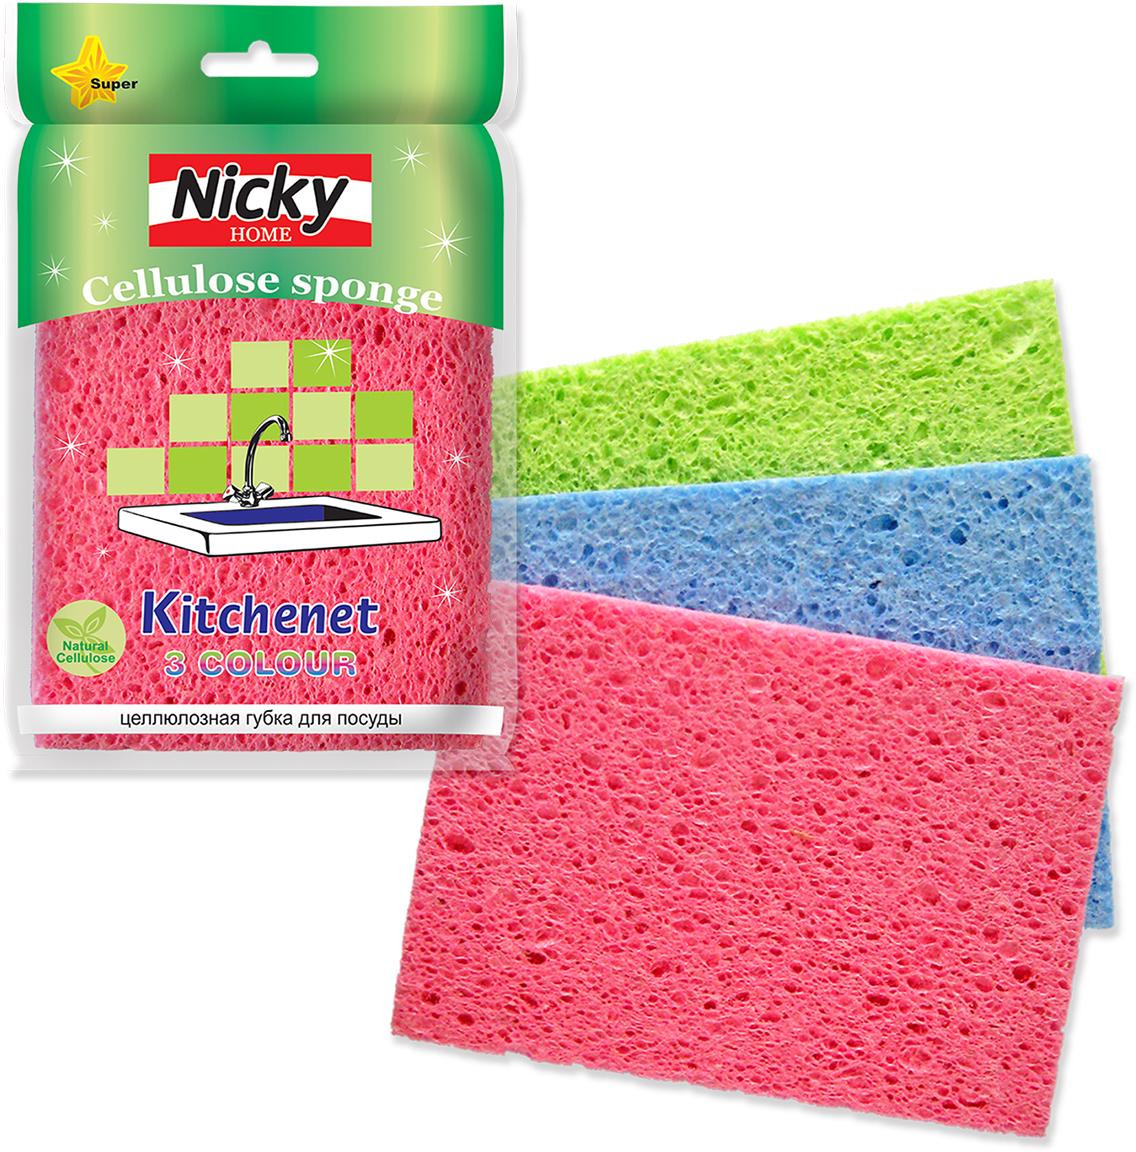 Губка для мытья посуды Nicky Home Kitchenet, 3 шт